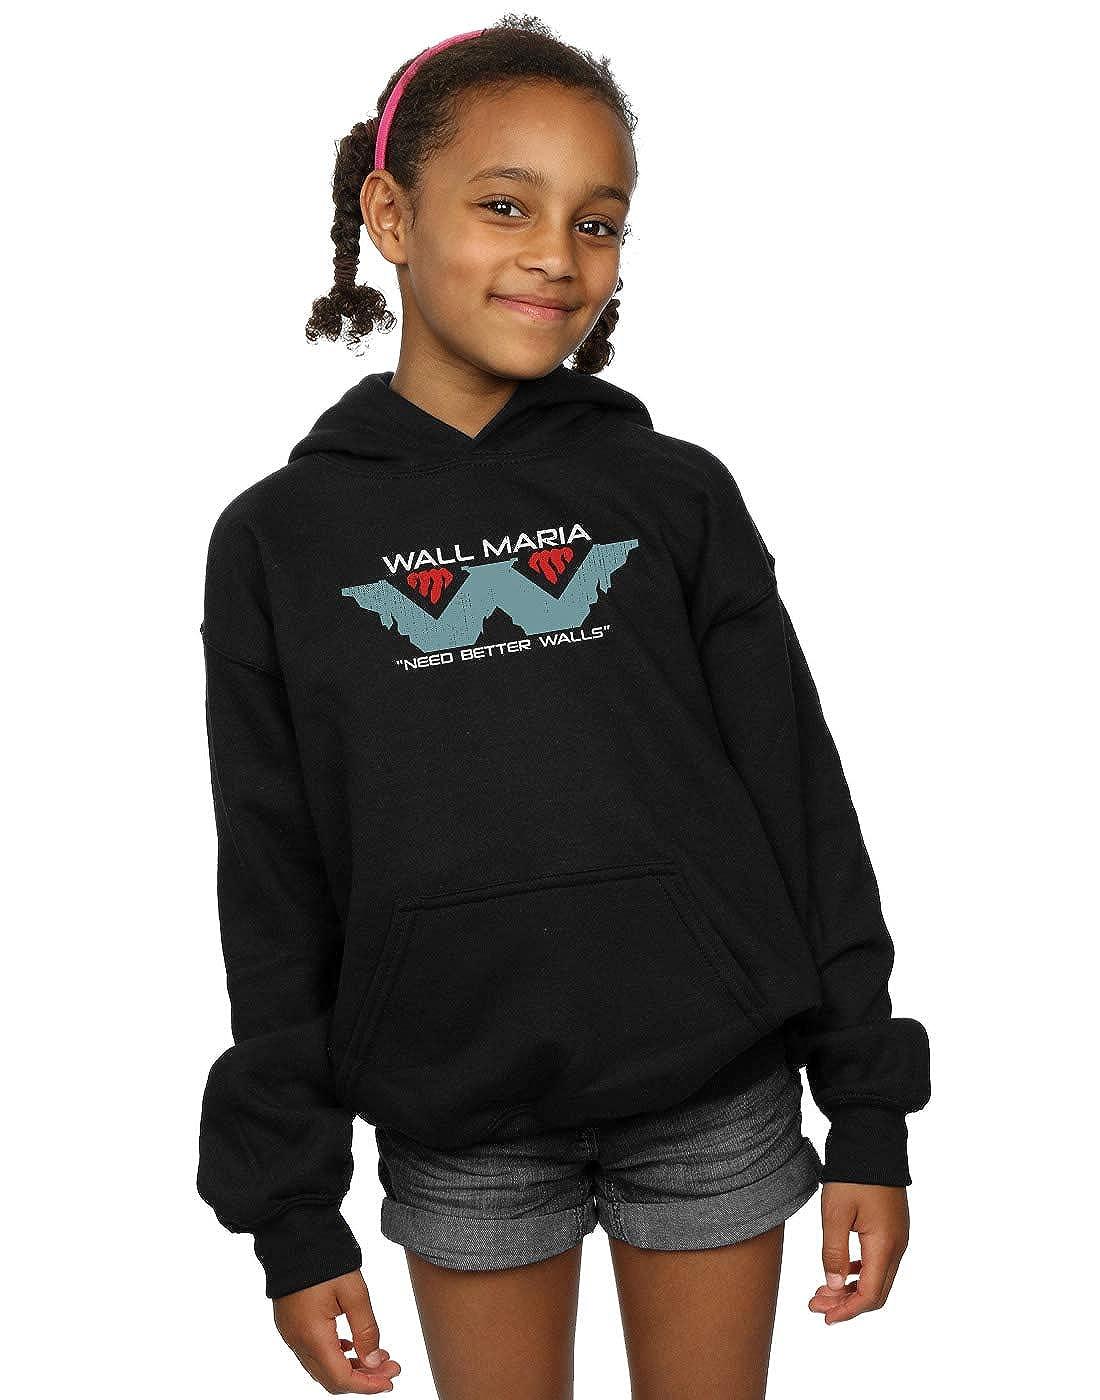 Ntesign Girls Wall Corp Hoodie